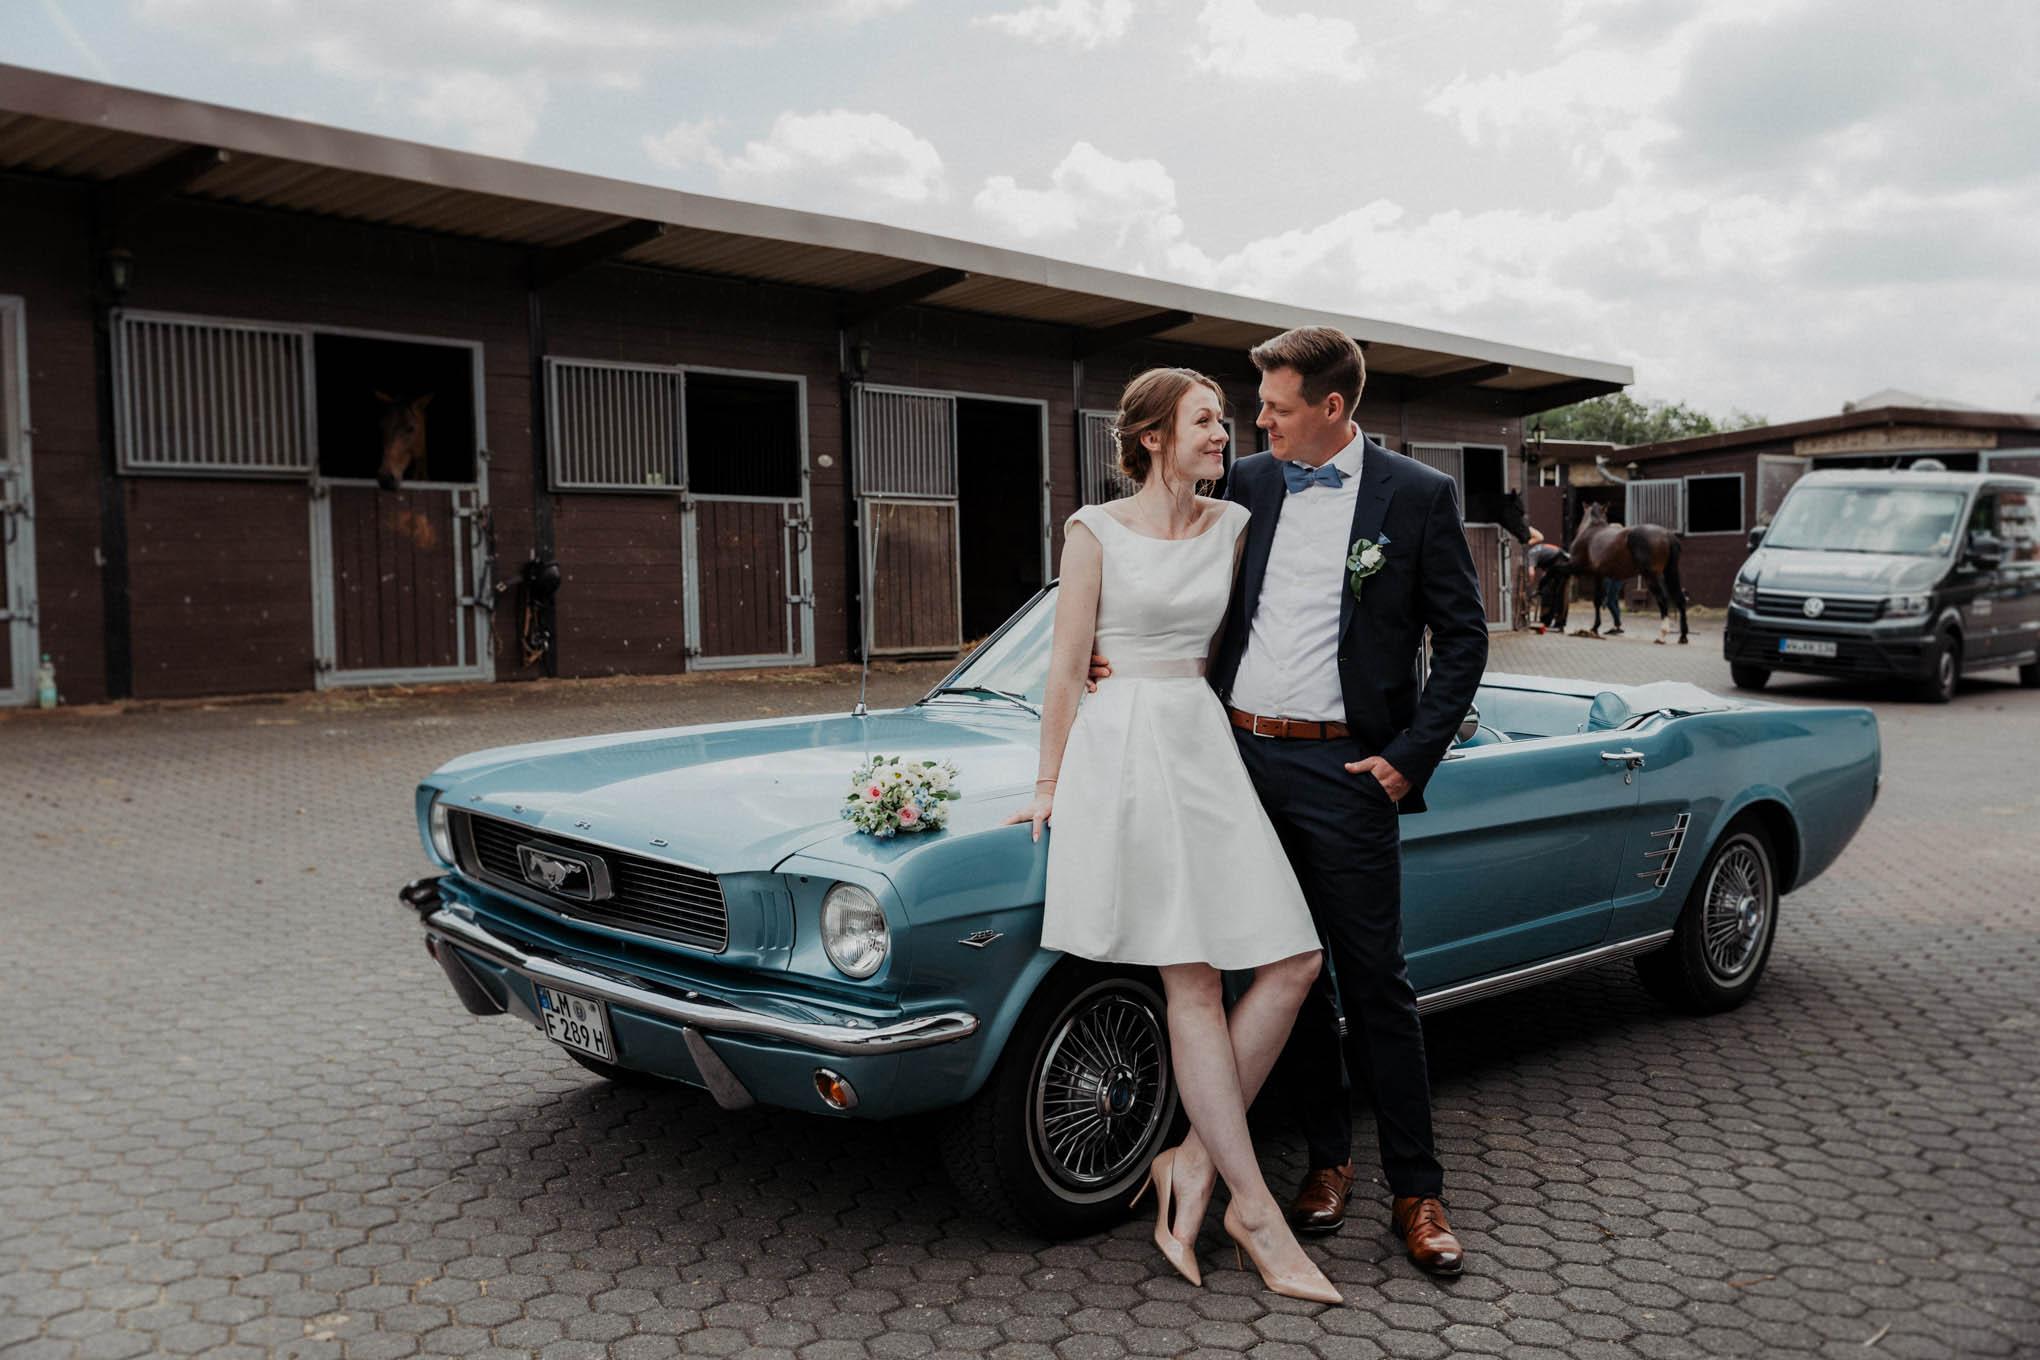 Brautpaarfoto mit Hochzeitsauto